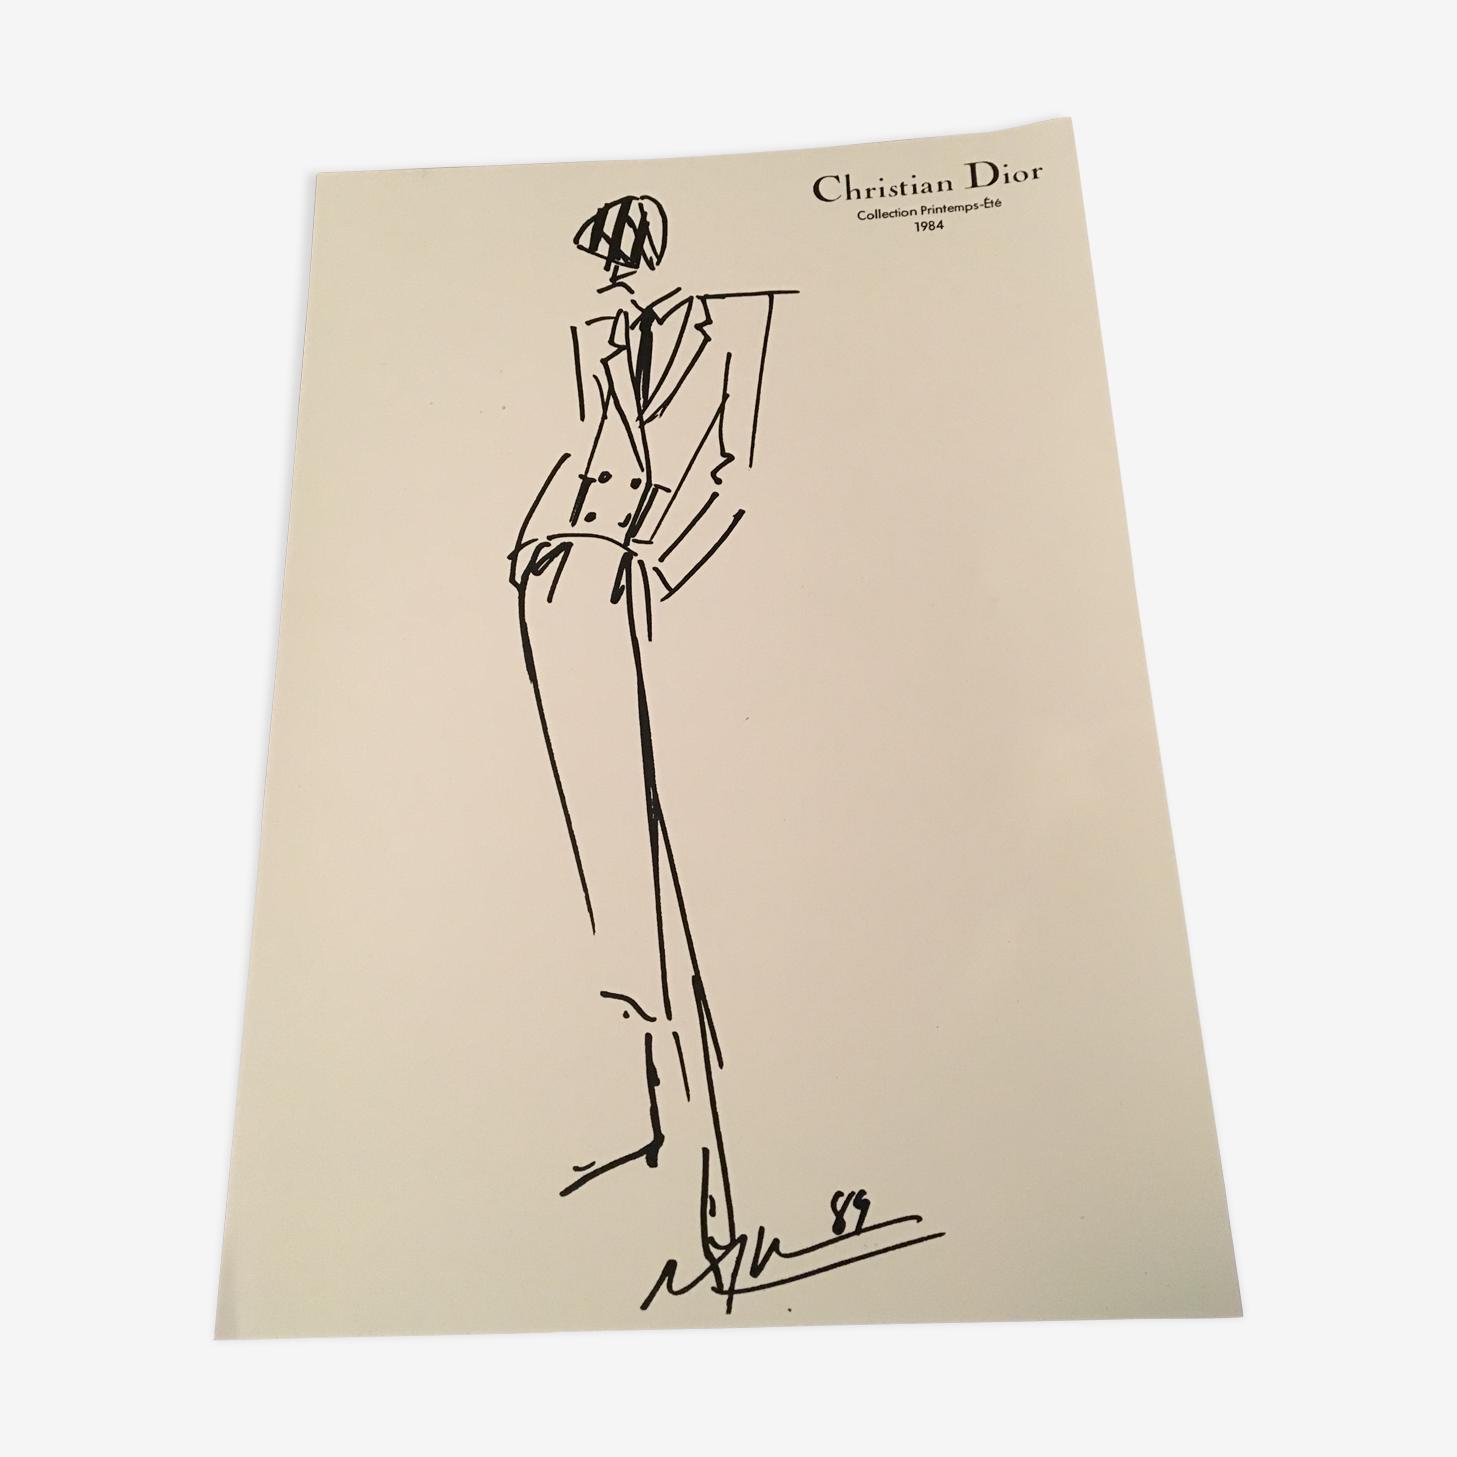 Illustration de mode et photographie originale vintage de presse Christian Dior  des années 80